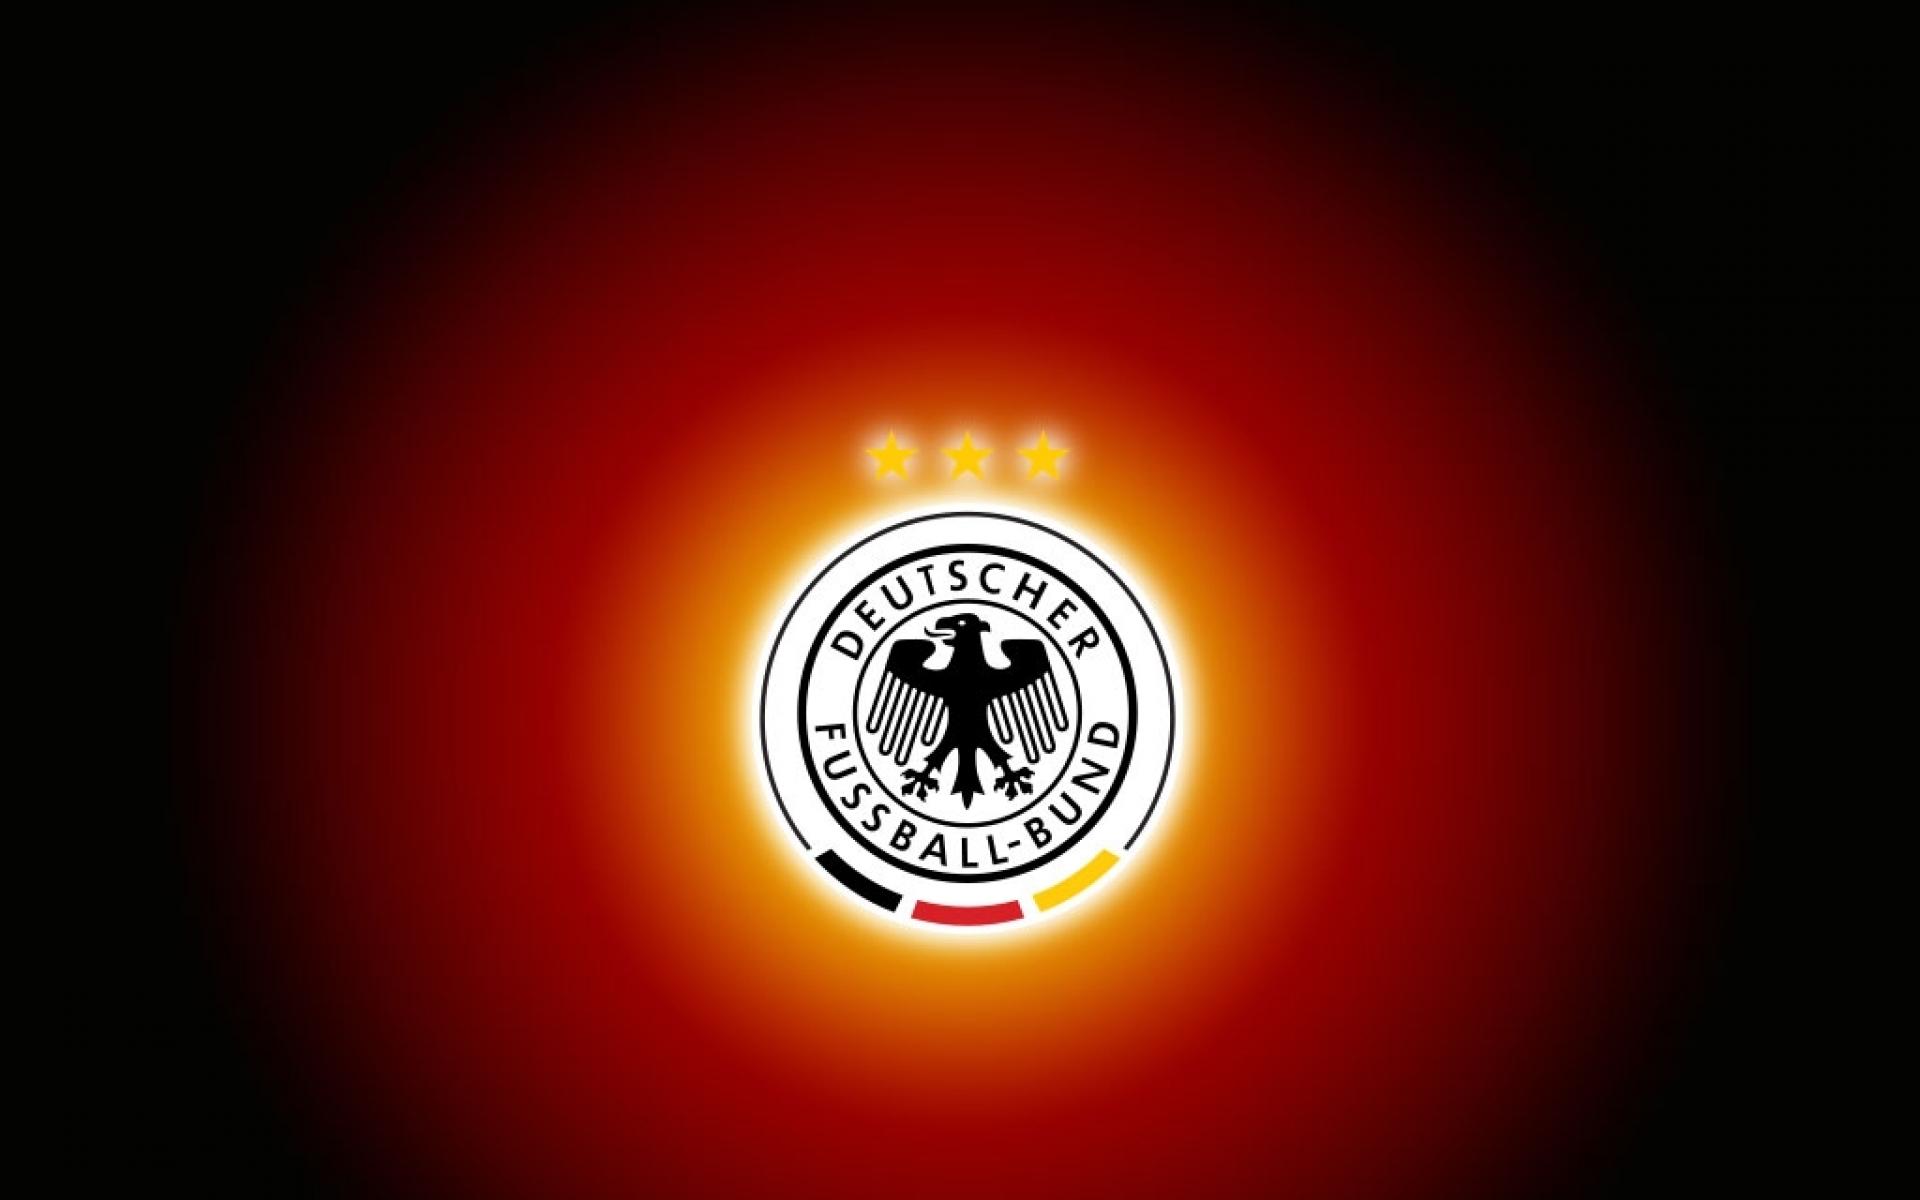 not soccer germany national team nationalmannschaft 1024x768 wallpaper 1920x1200